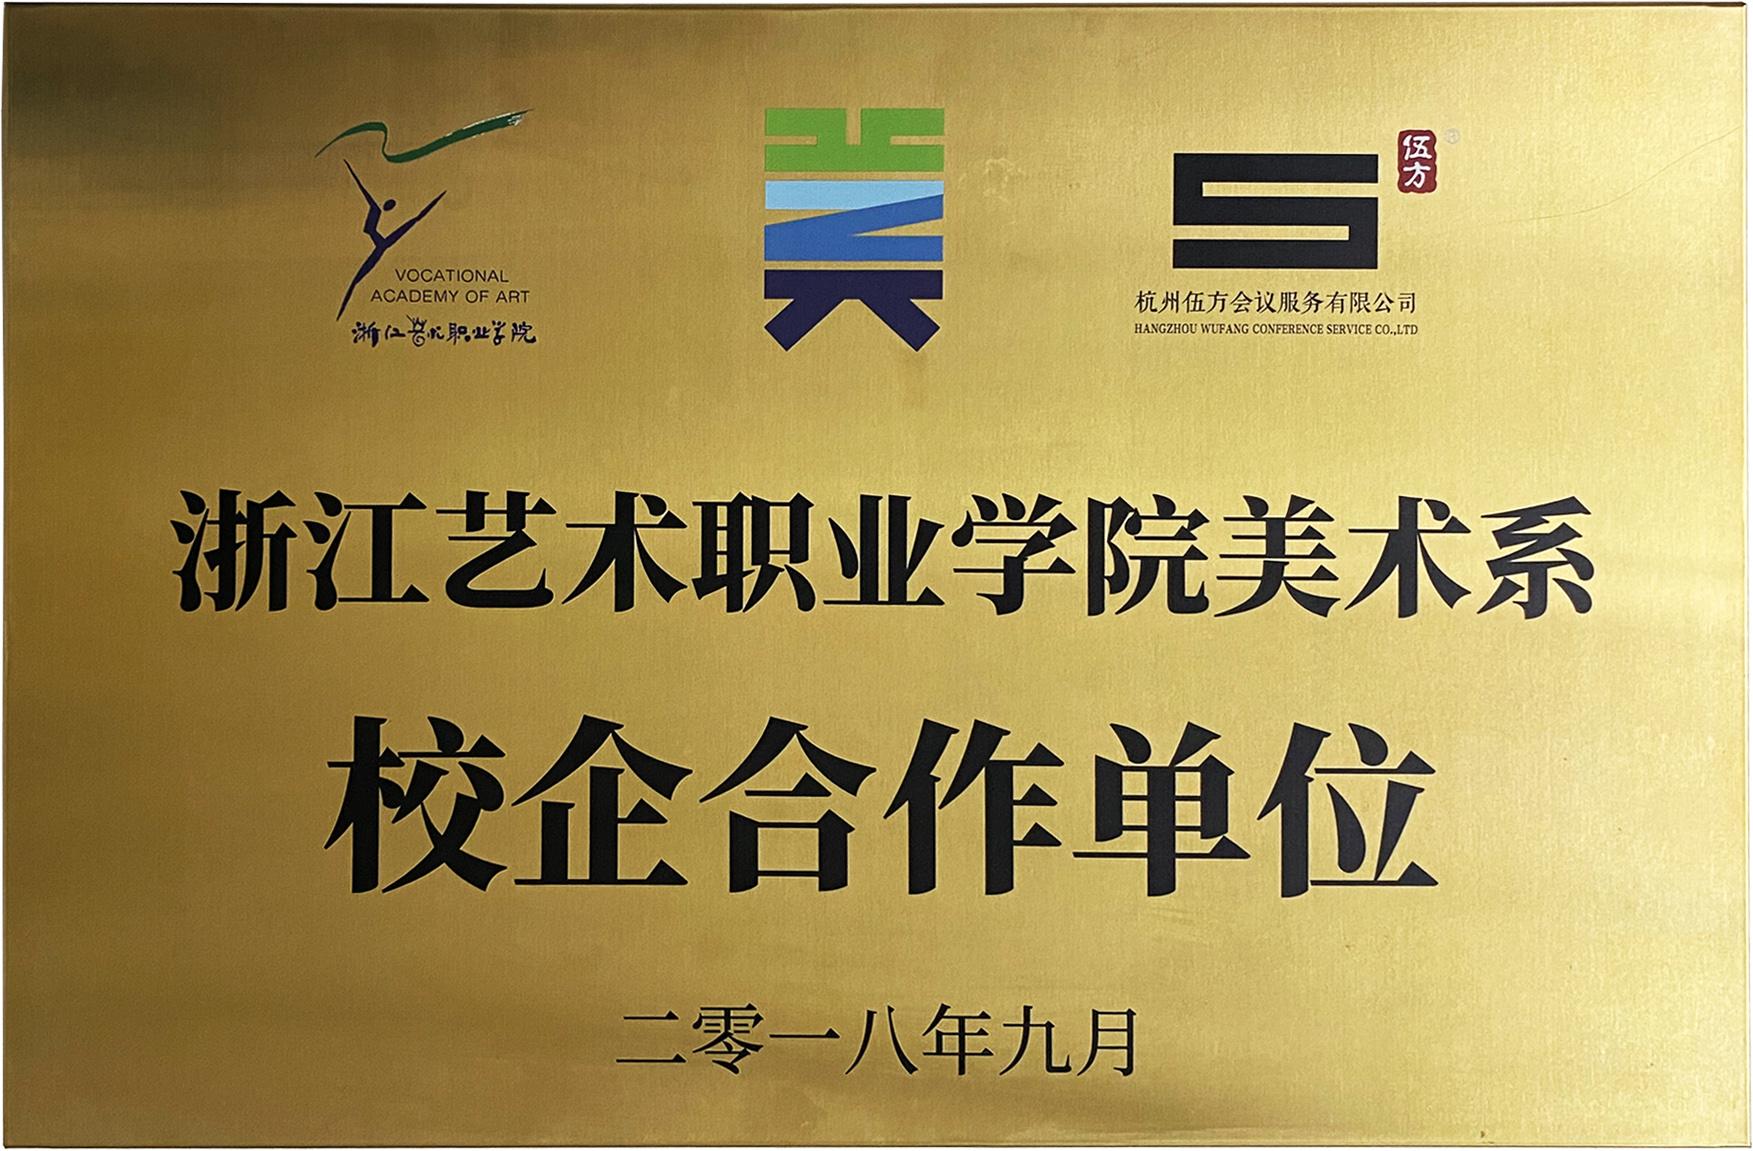 浙江艺术职业学院美术系校企合作单位